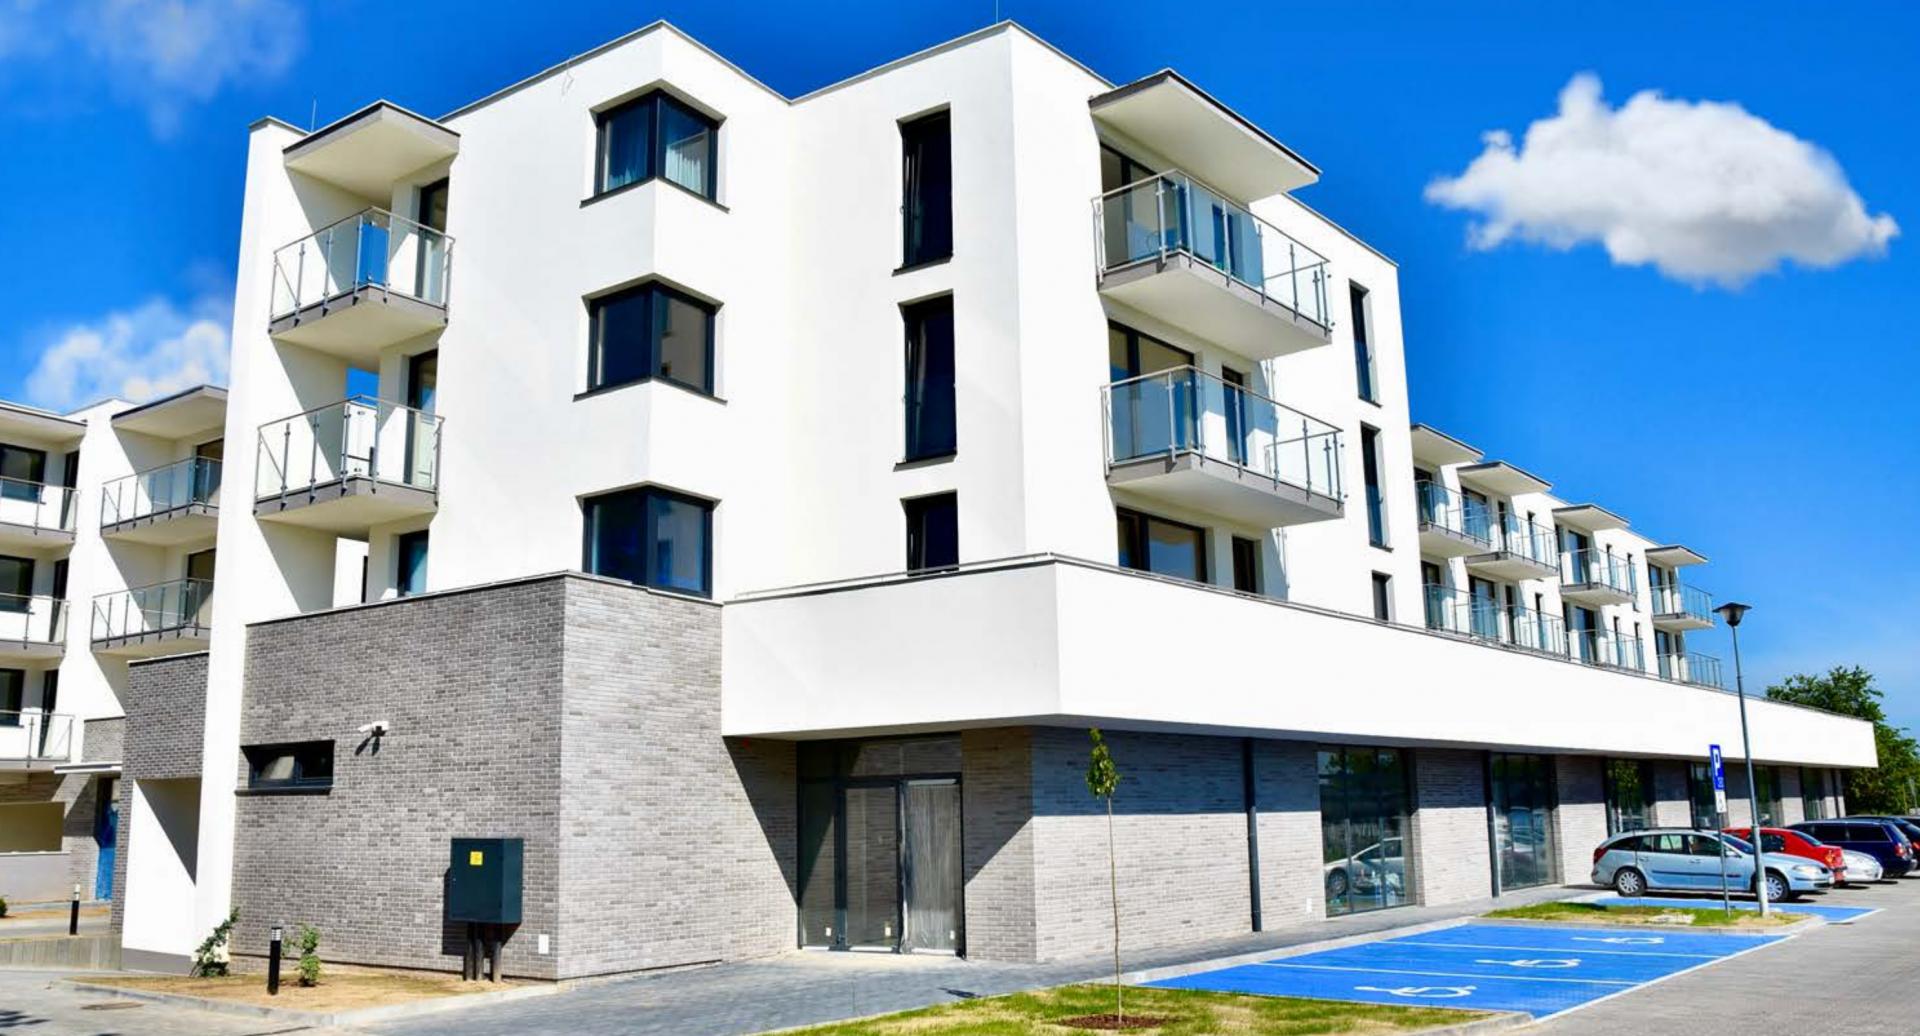 zrzut ekranu 2021 06 22 o 193020 Trwa sprzedaż mieszkań w II etapie inwestycji Lipska 61